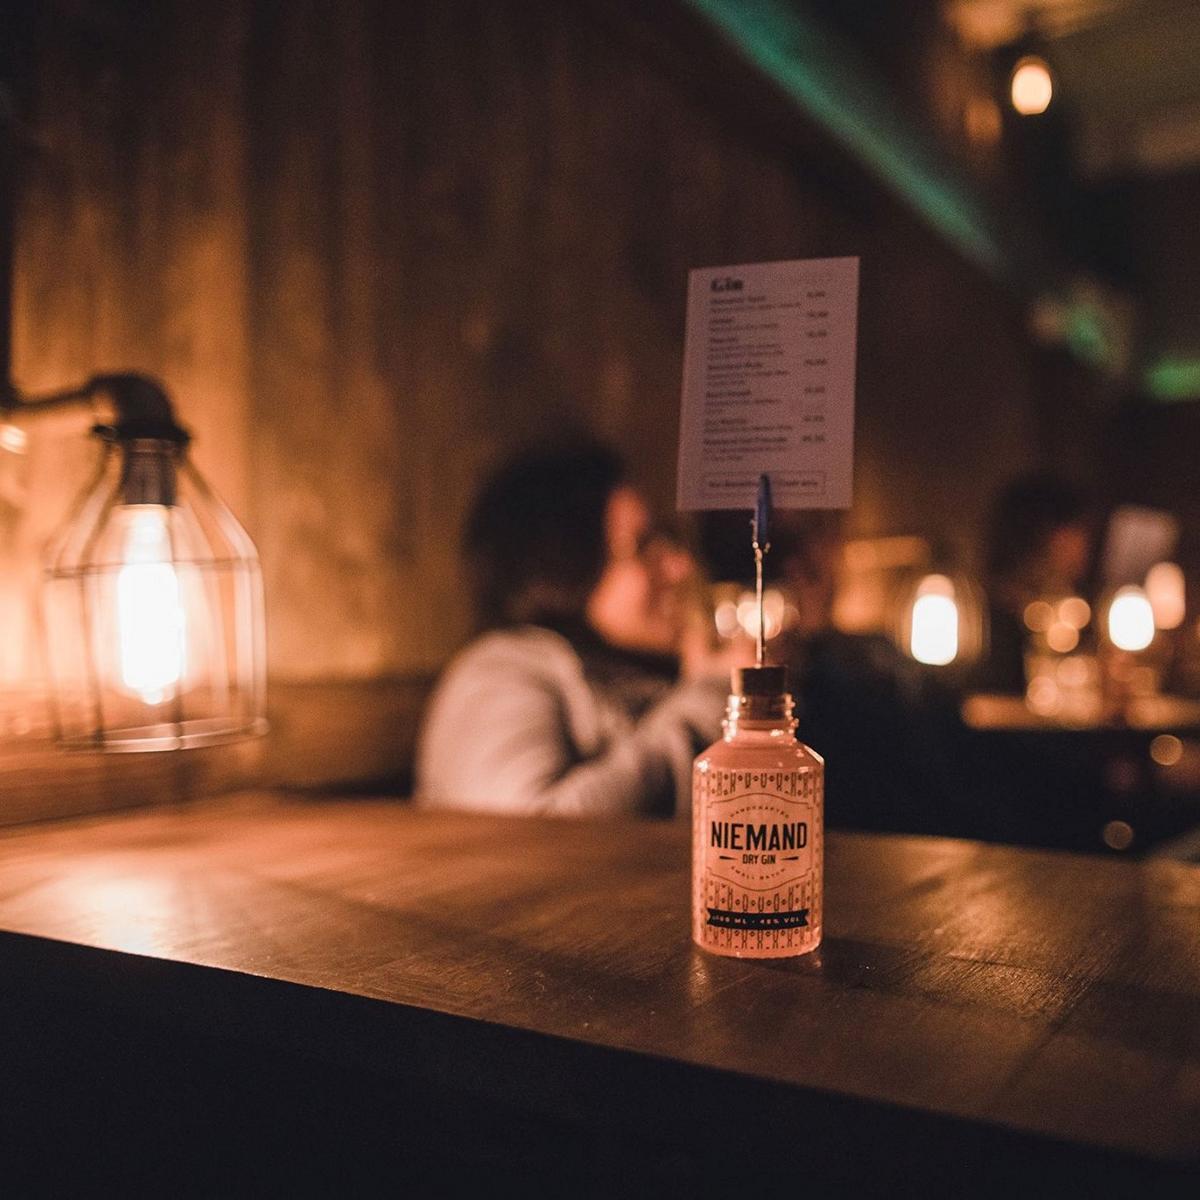 Style Hannover Niemand Gin 7 - NIEMAND - Spirituosen mit Stil aus Hannover